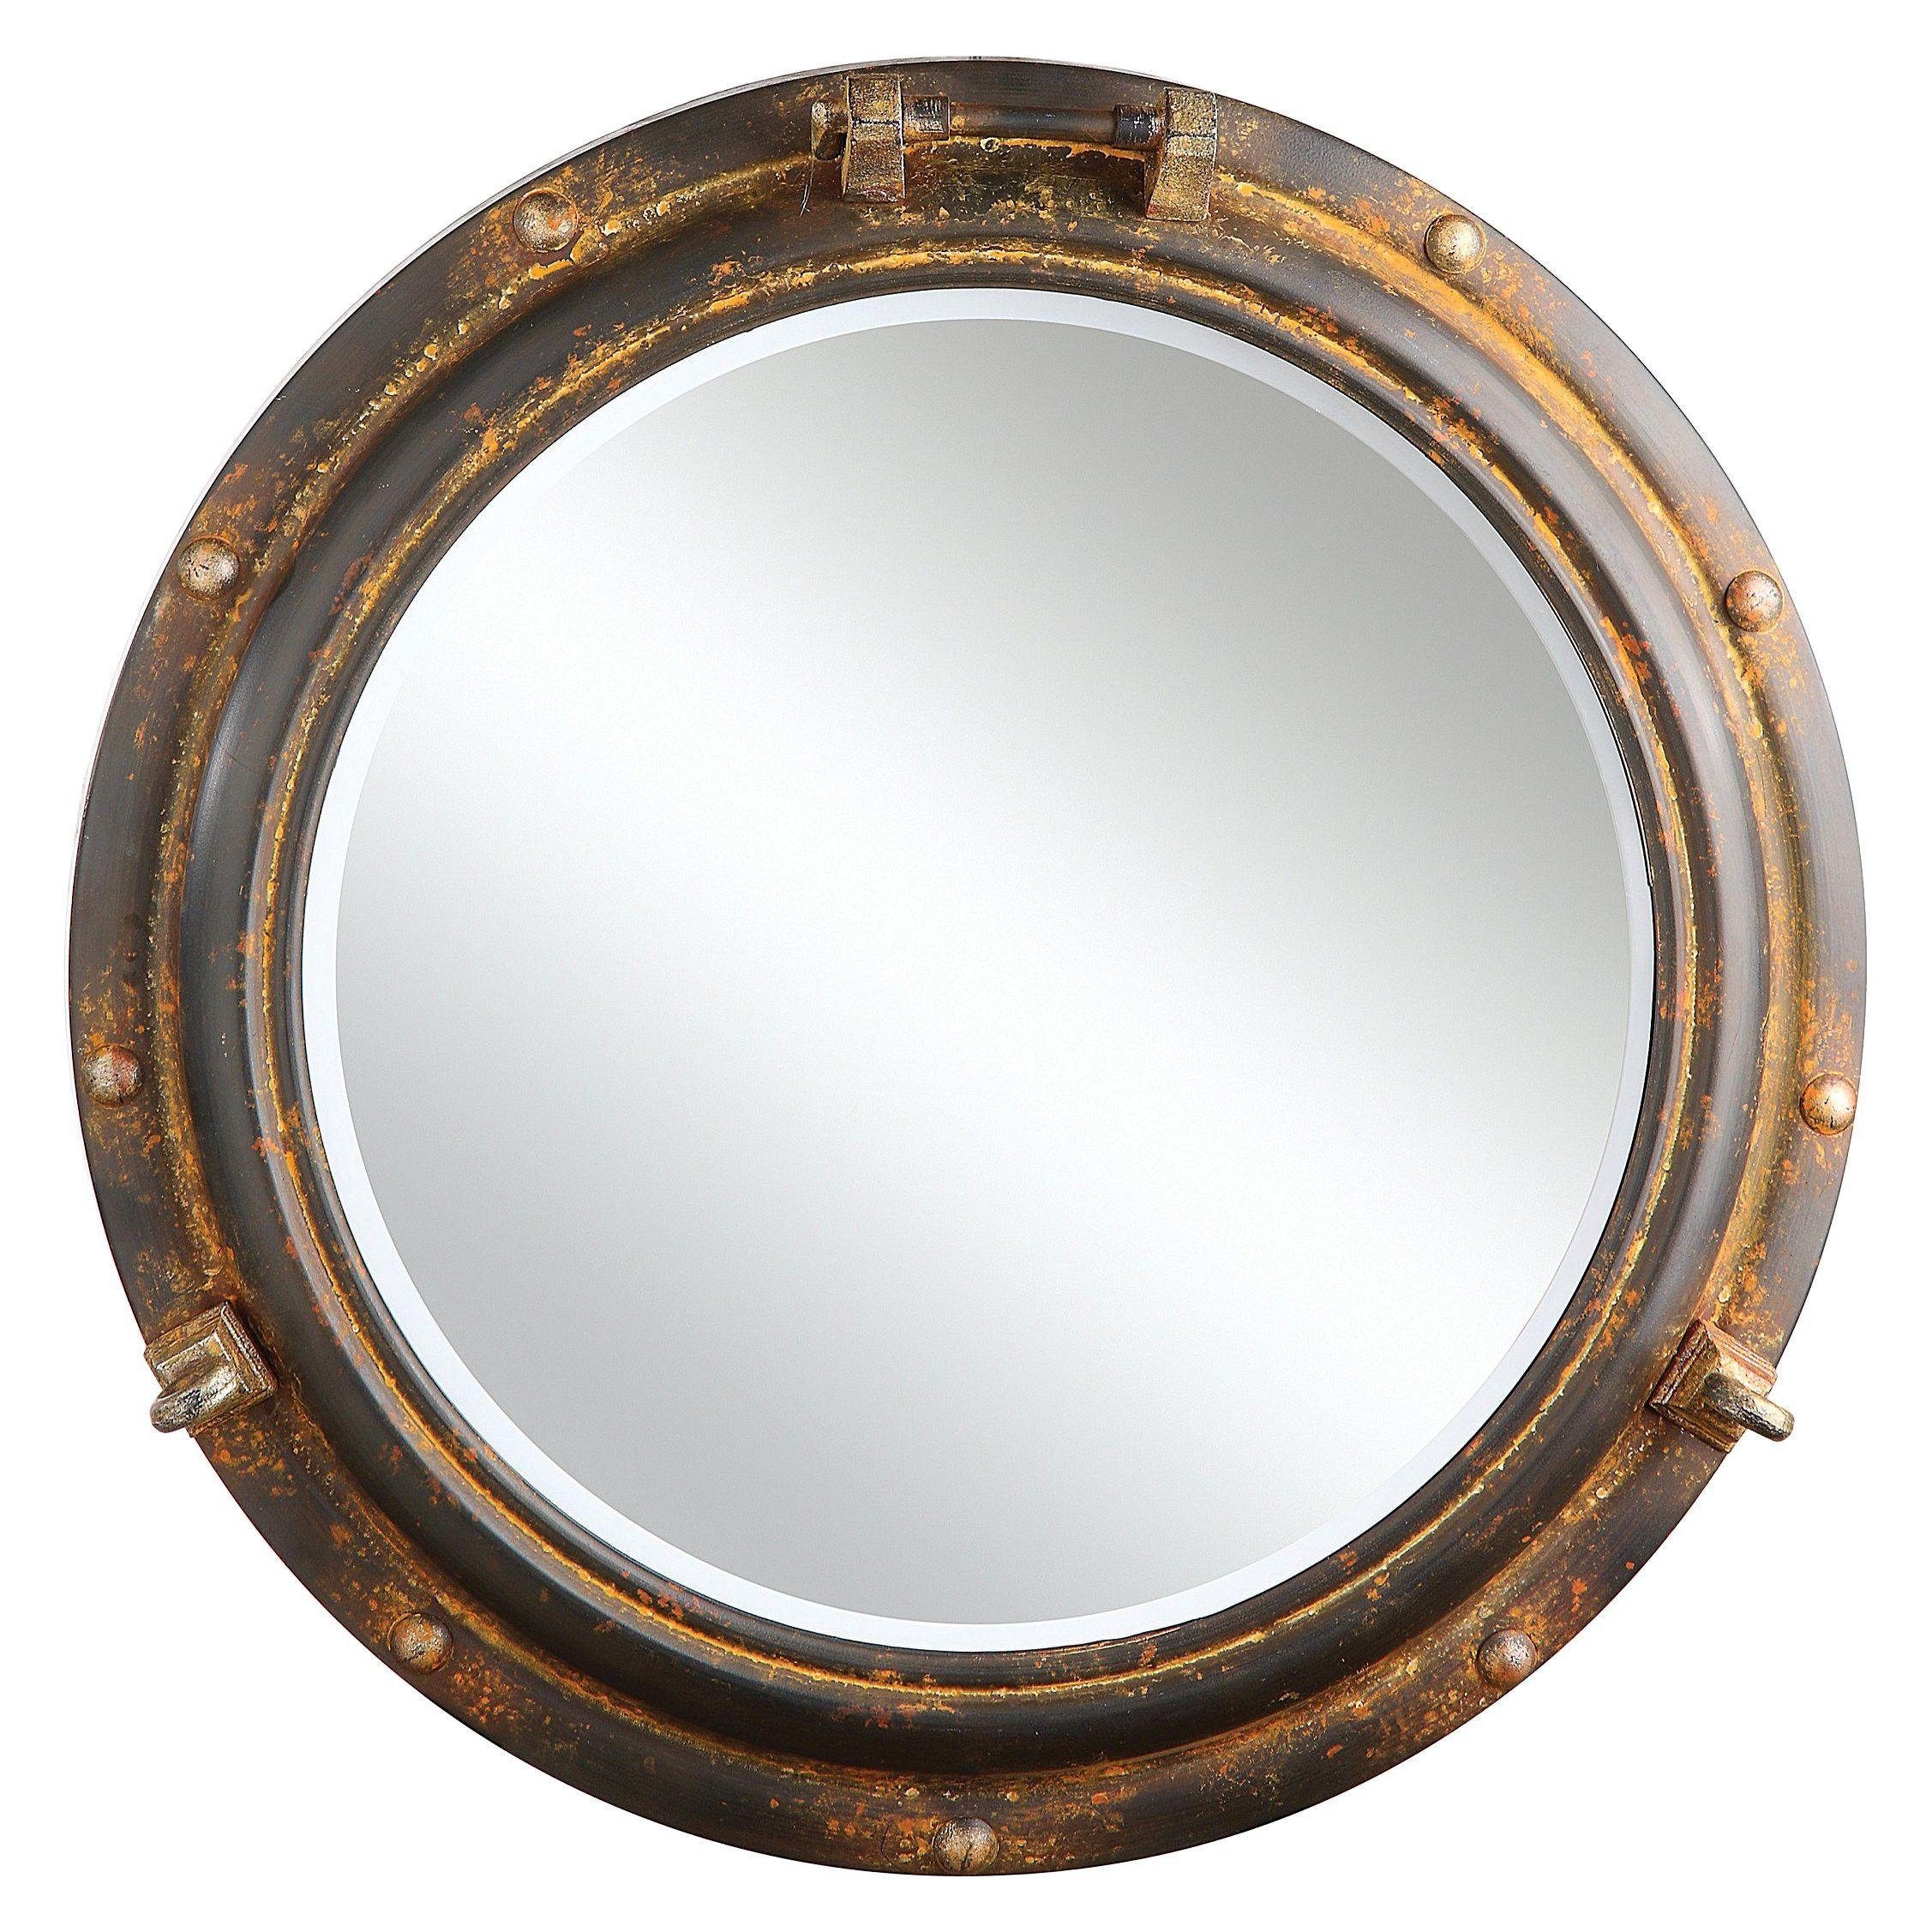 metal porthole mirror target